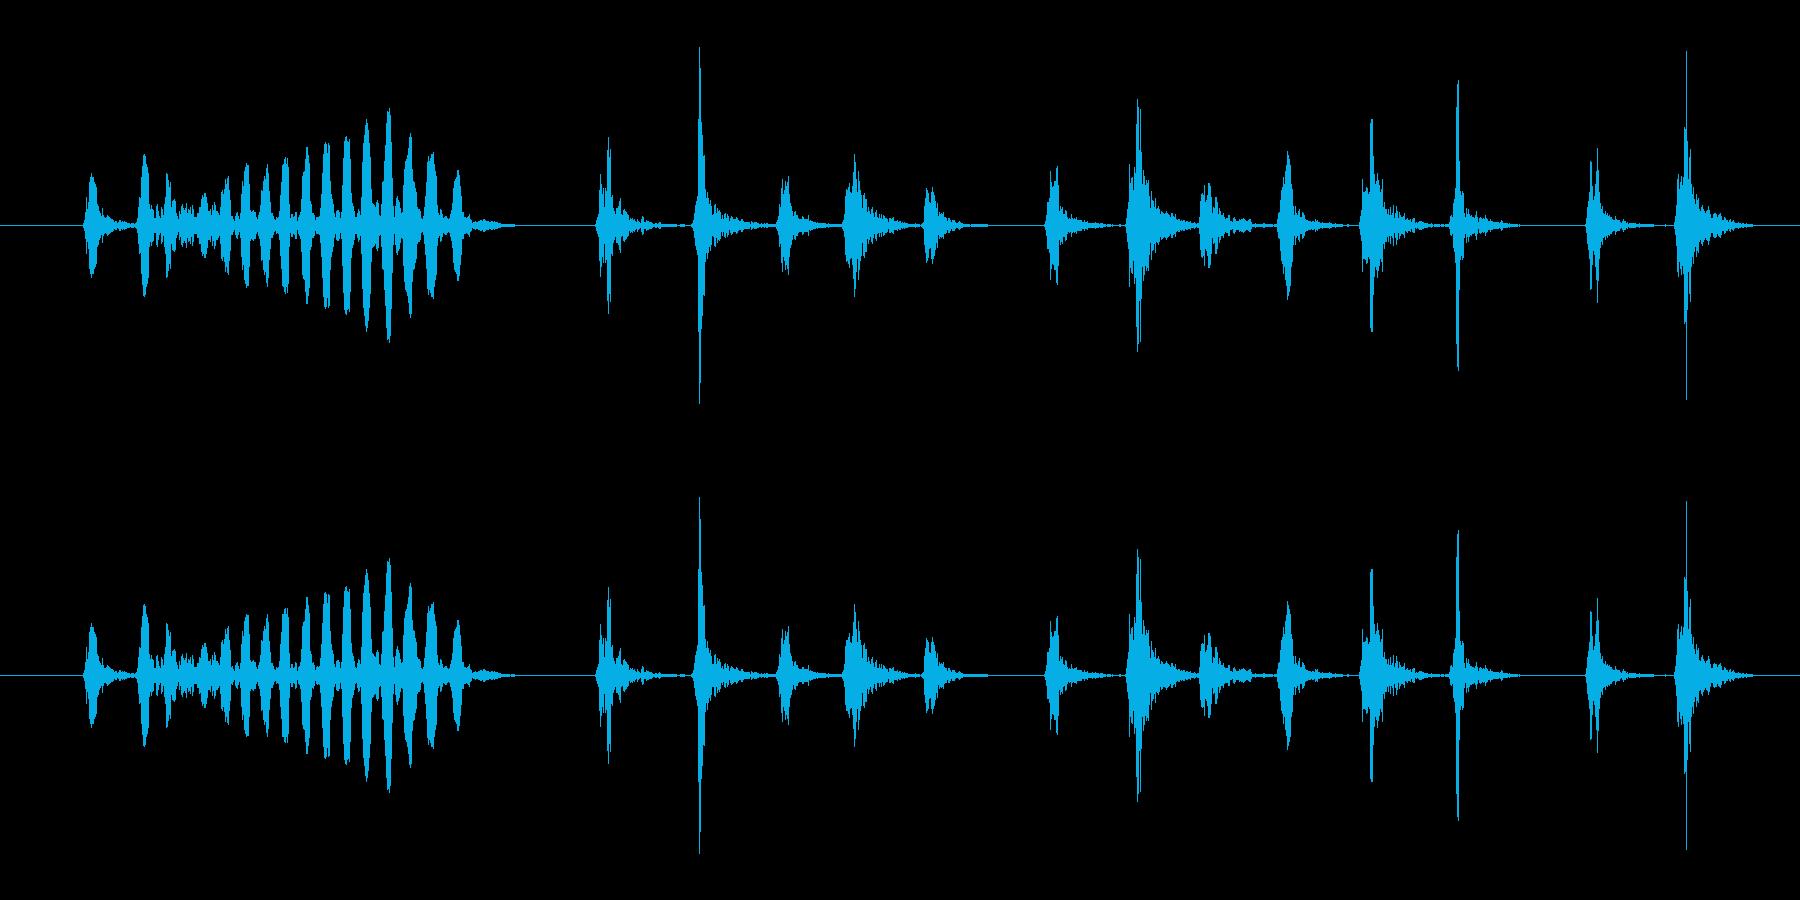 ピッ、ピルルルルル_うぐいすの鳴き声の再生済みの波形